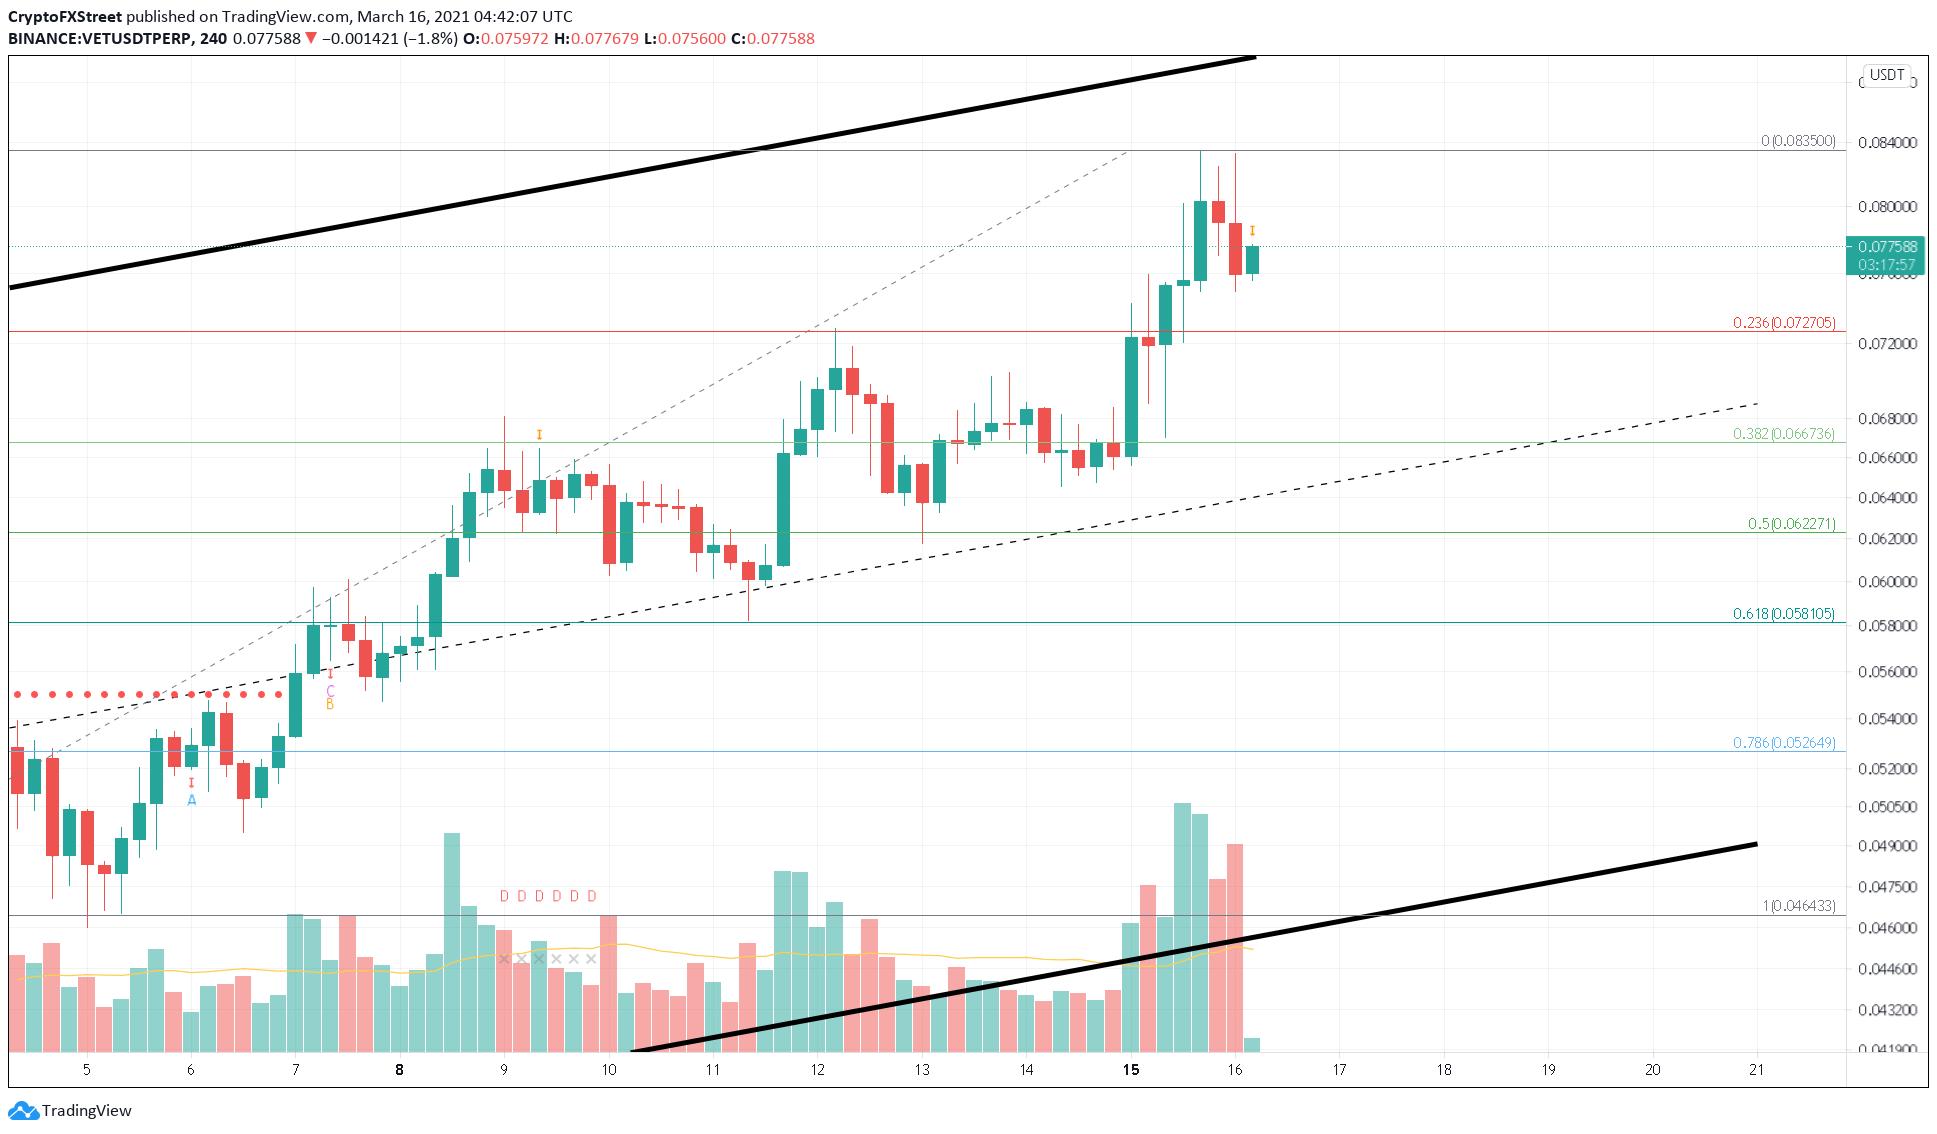 VET/USDT 4-hour chart